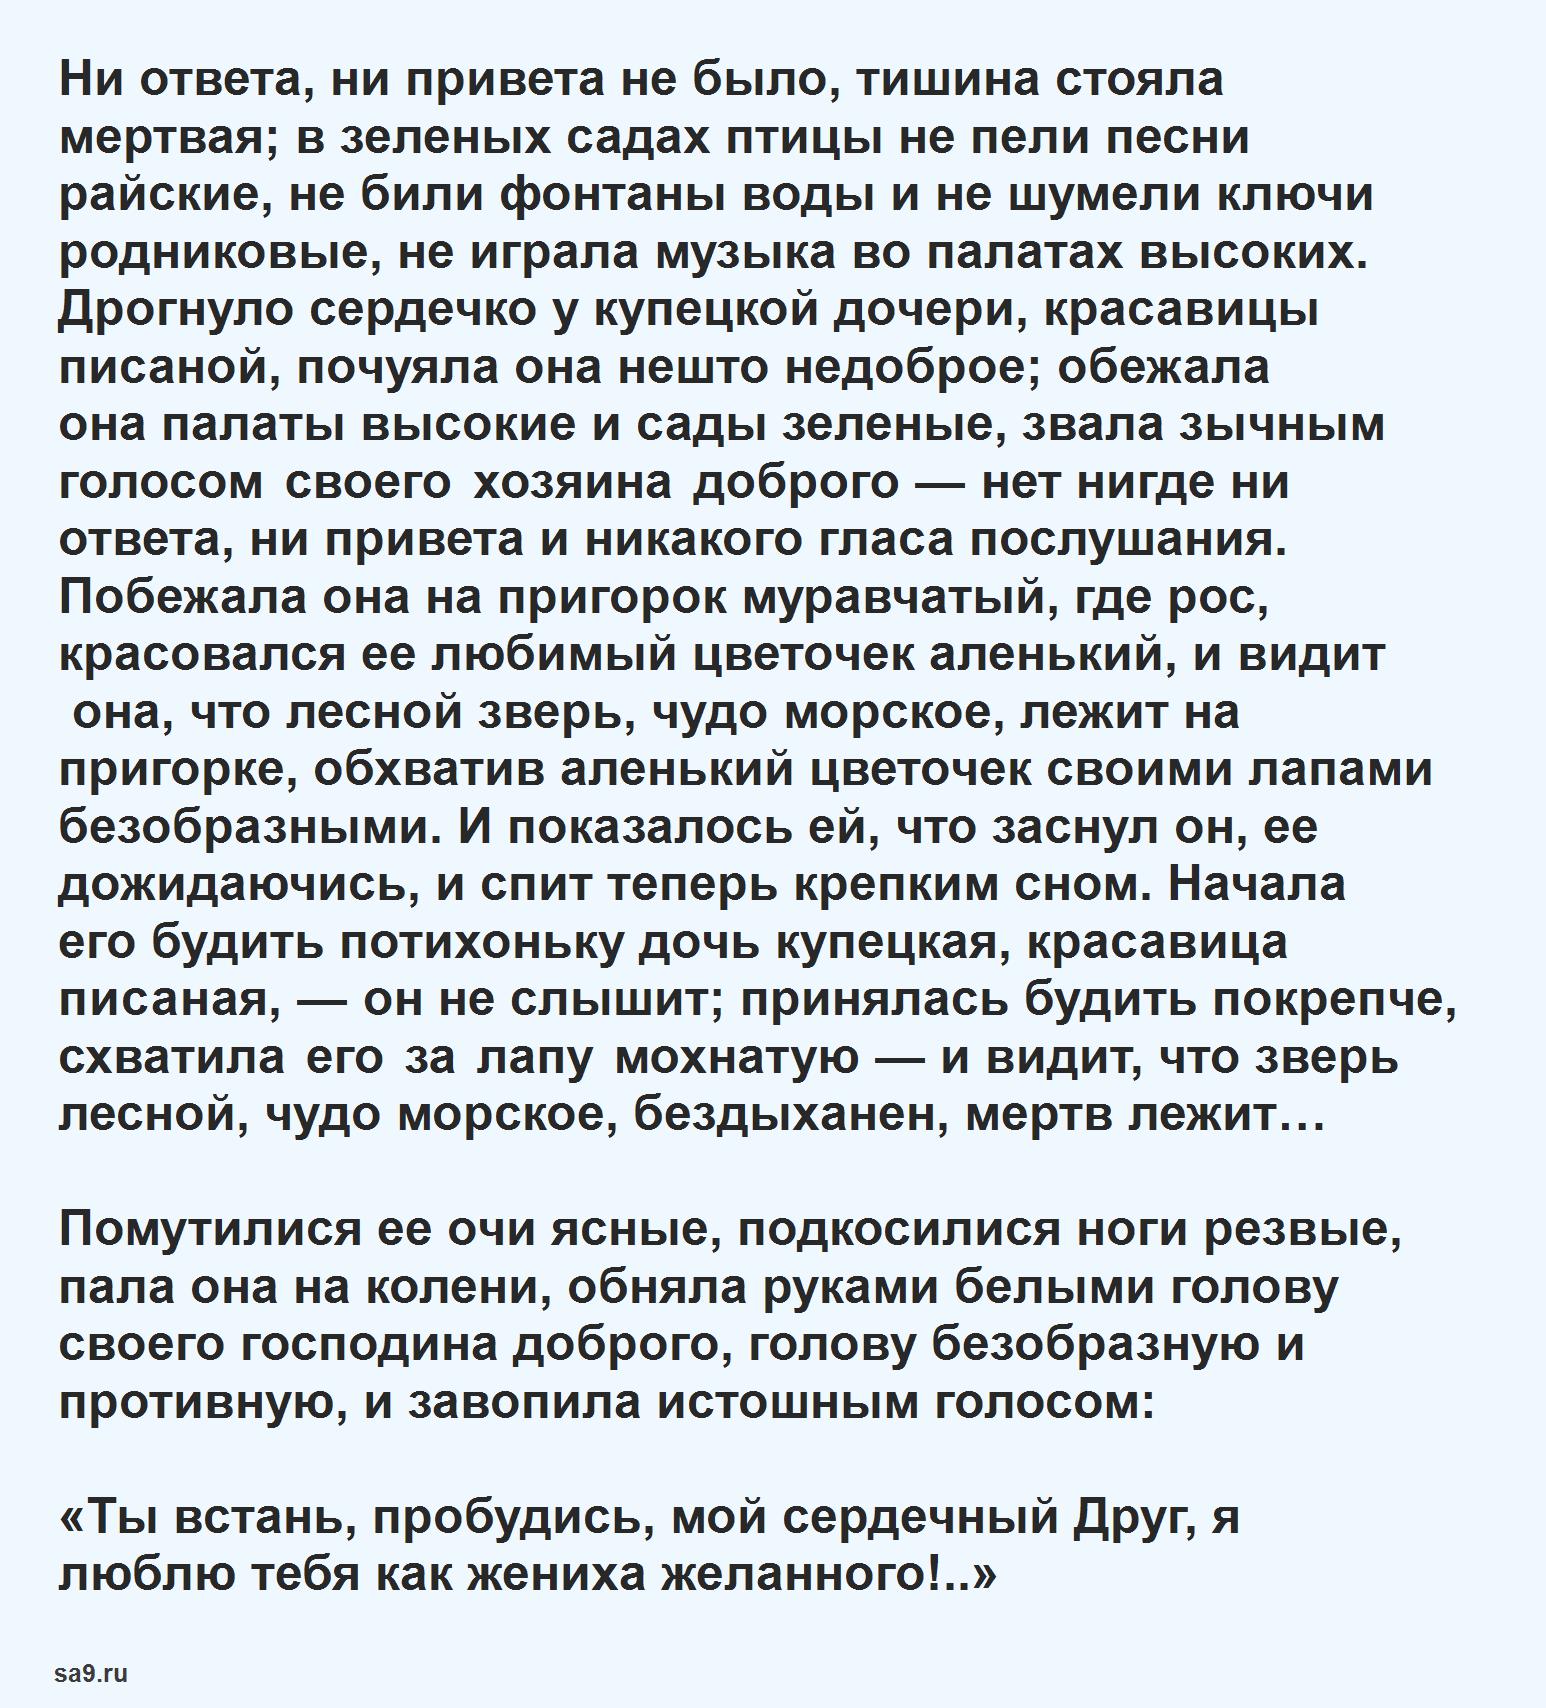 Читаем интересную сказку Аксакова для детей - Аленький цветочек